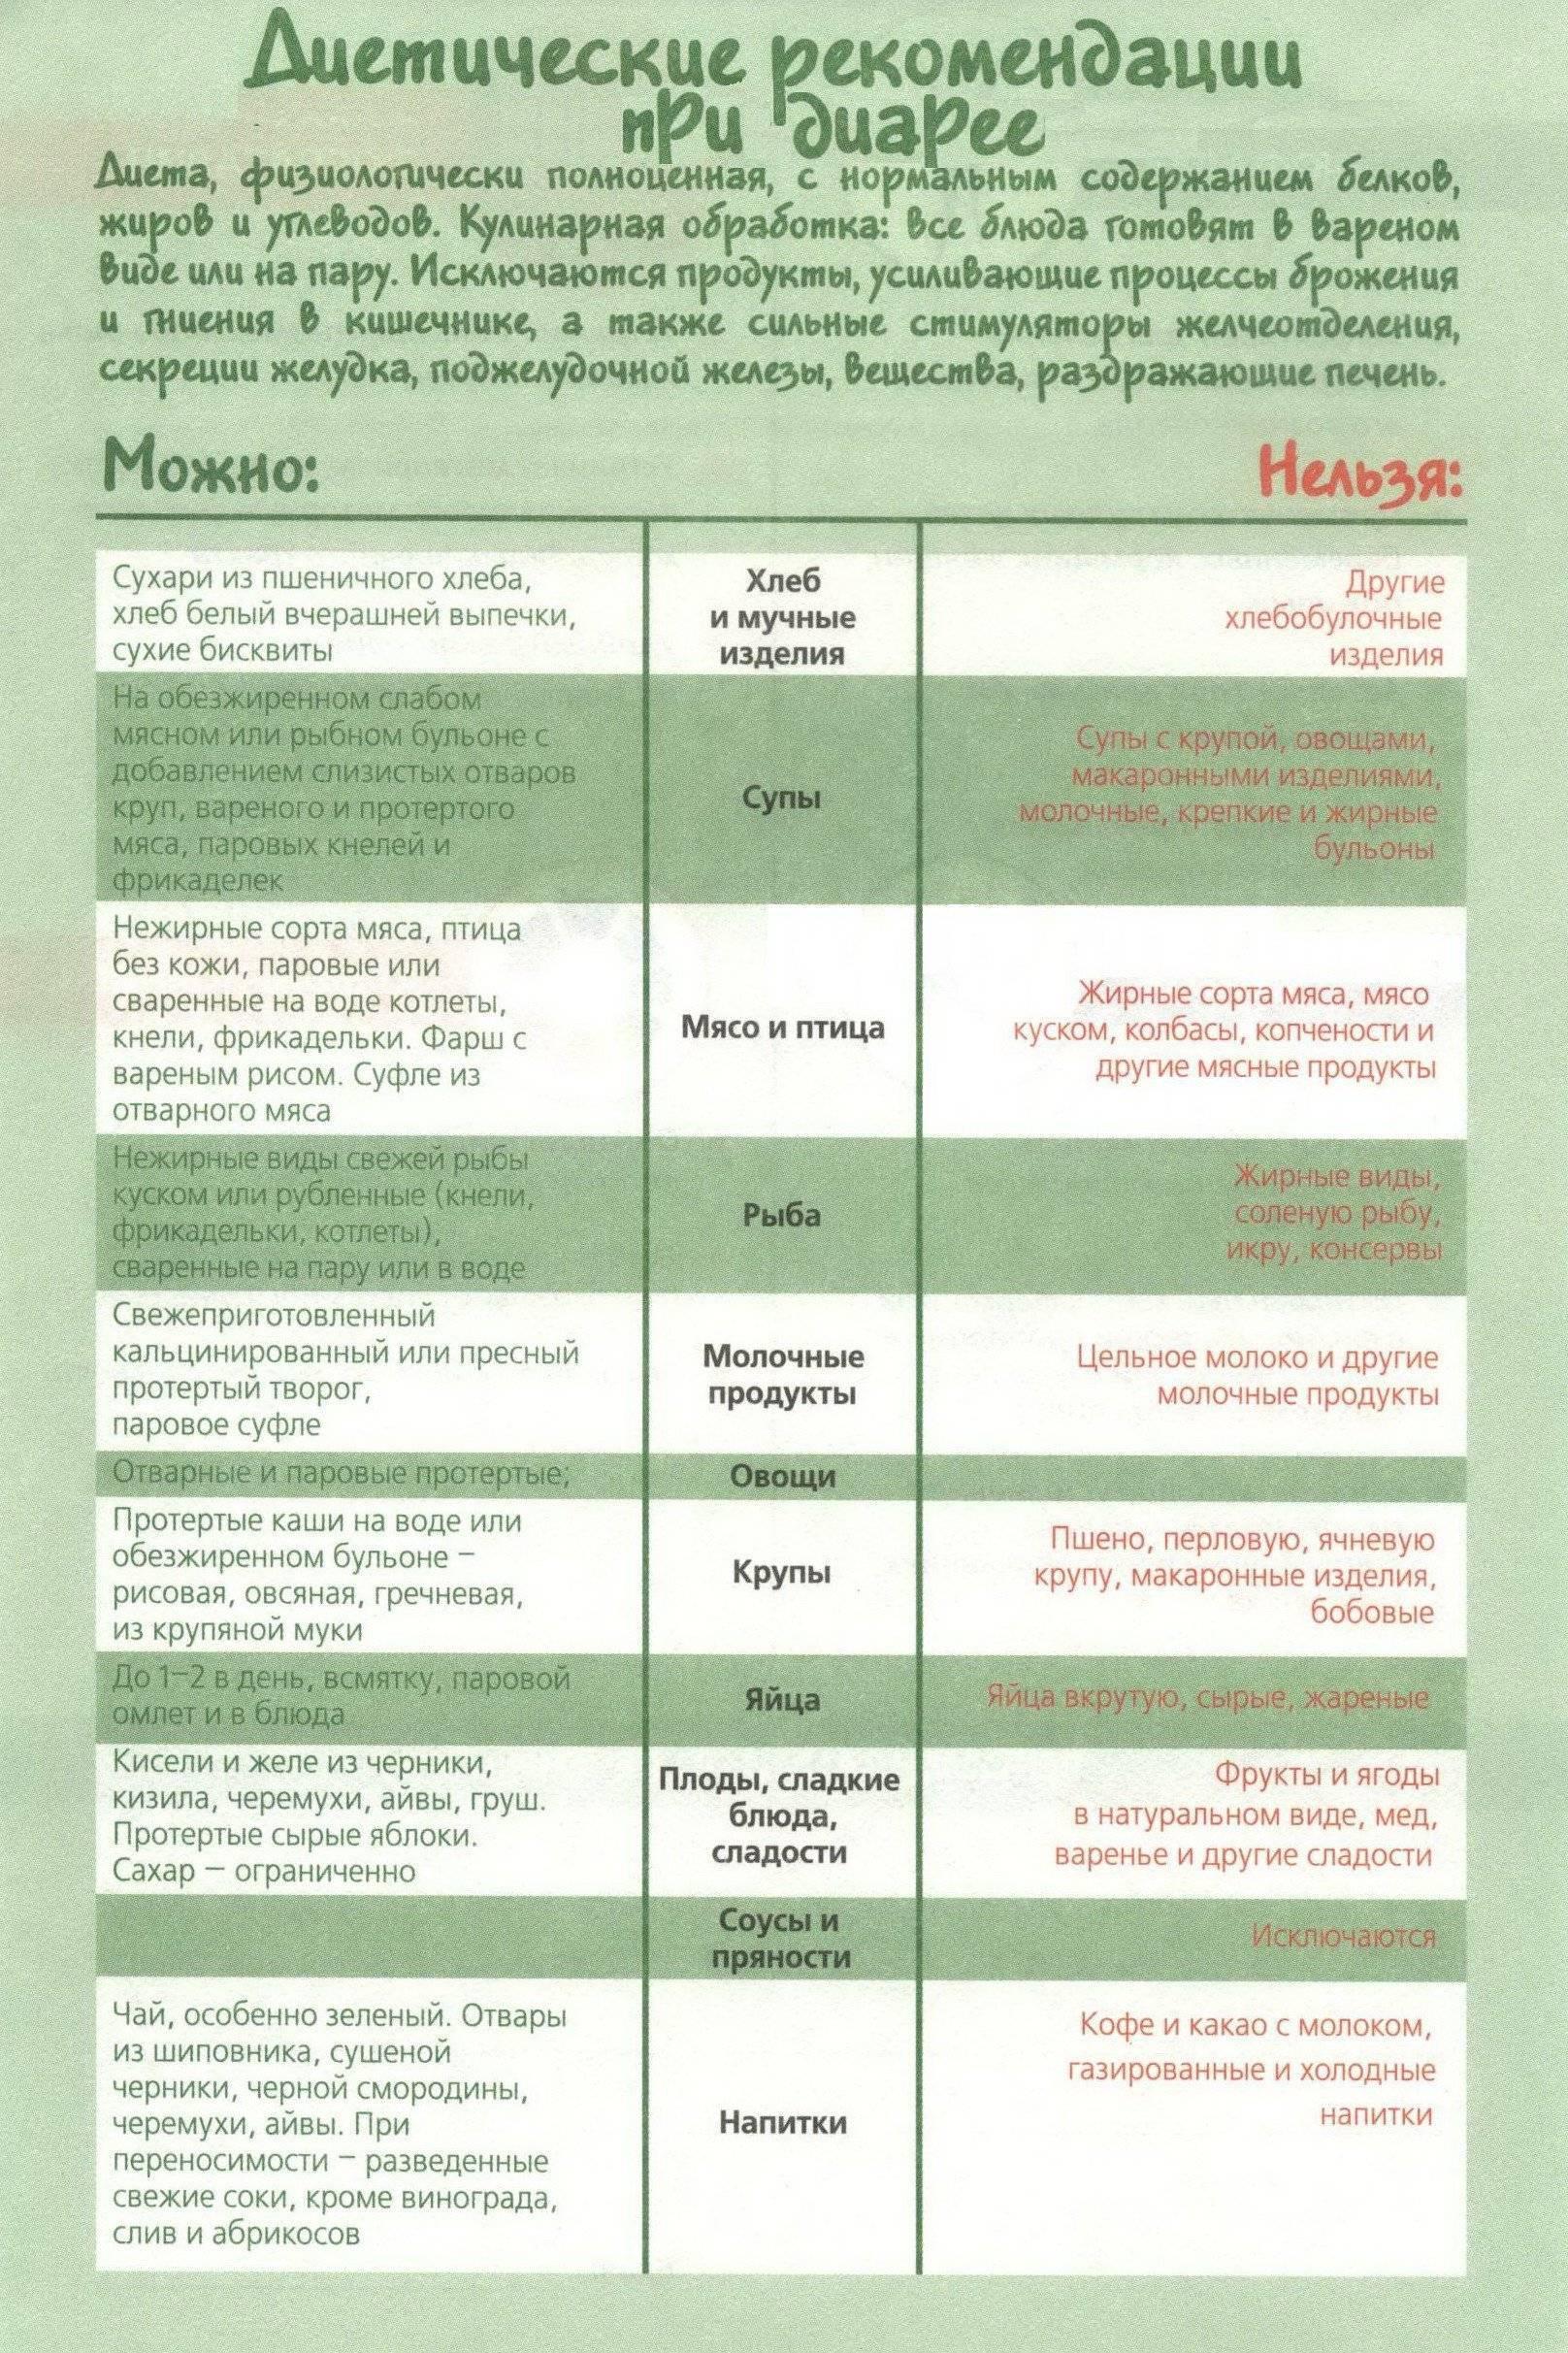 Лечение пищевого отравления в домашних условиях: медикаментозные и народные методы борьбы с симптомами